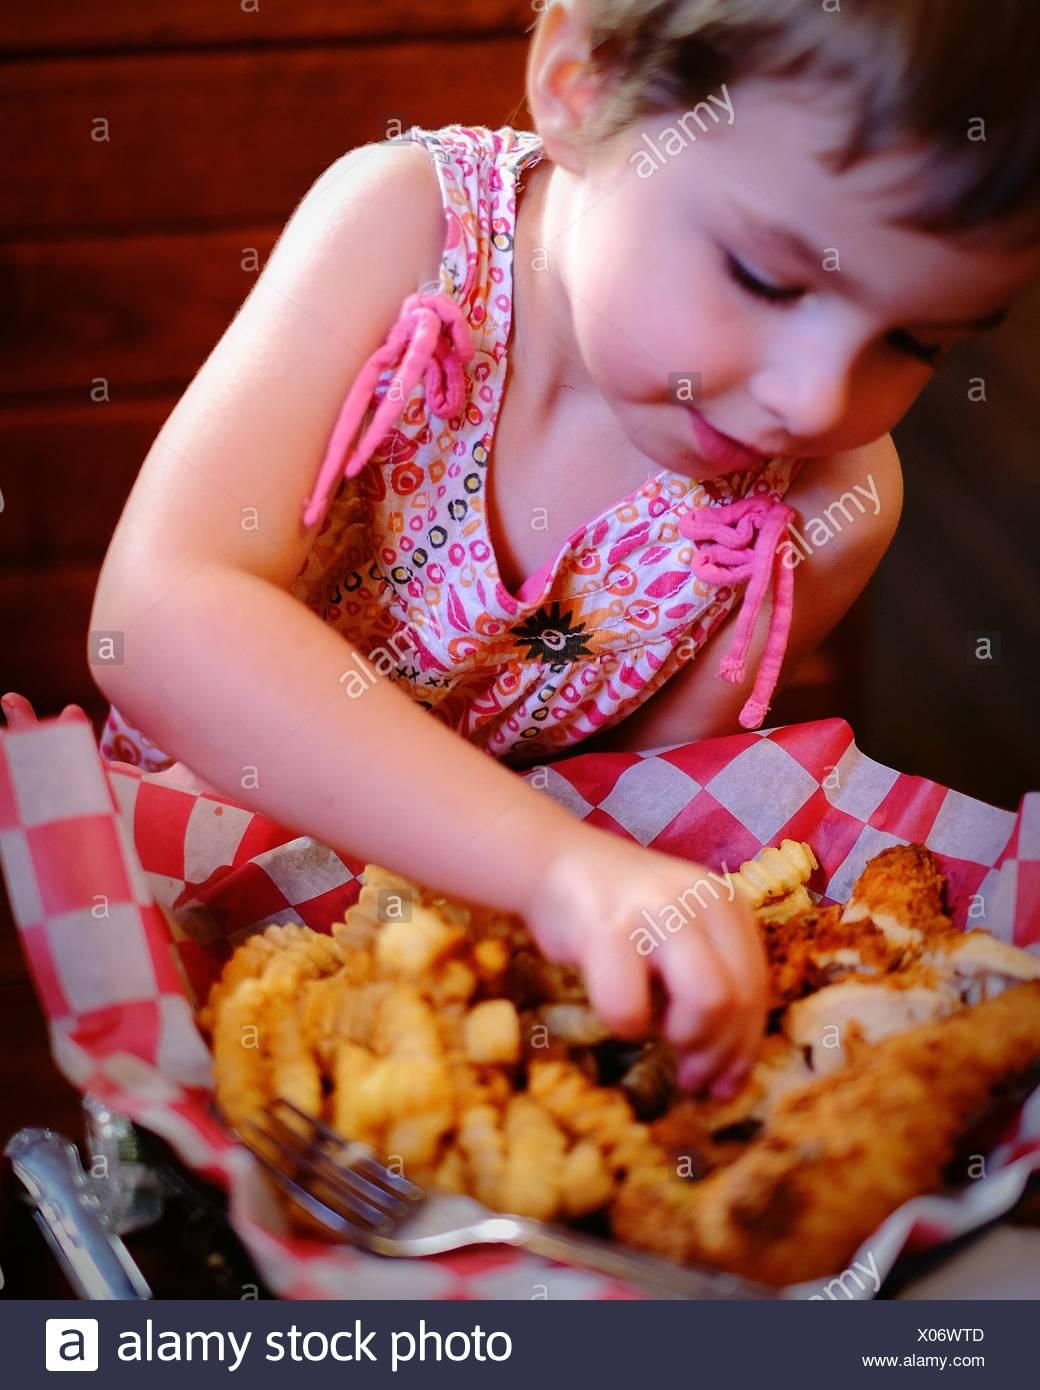 Ragazza carina avente dita di pollo al ristorante Immagini Stock